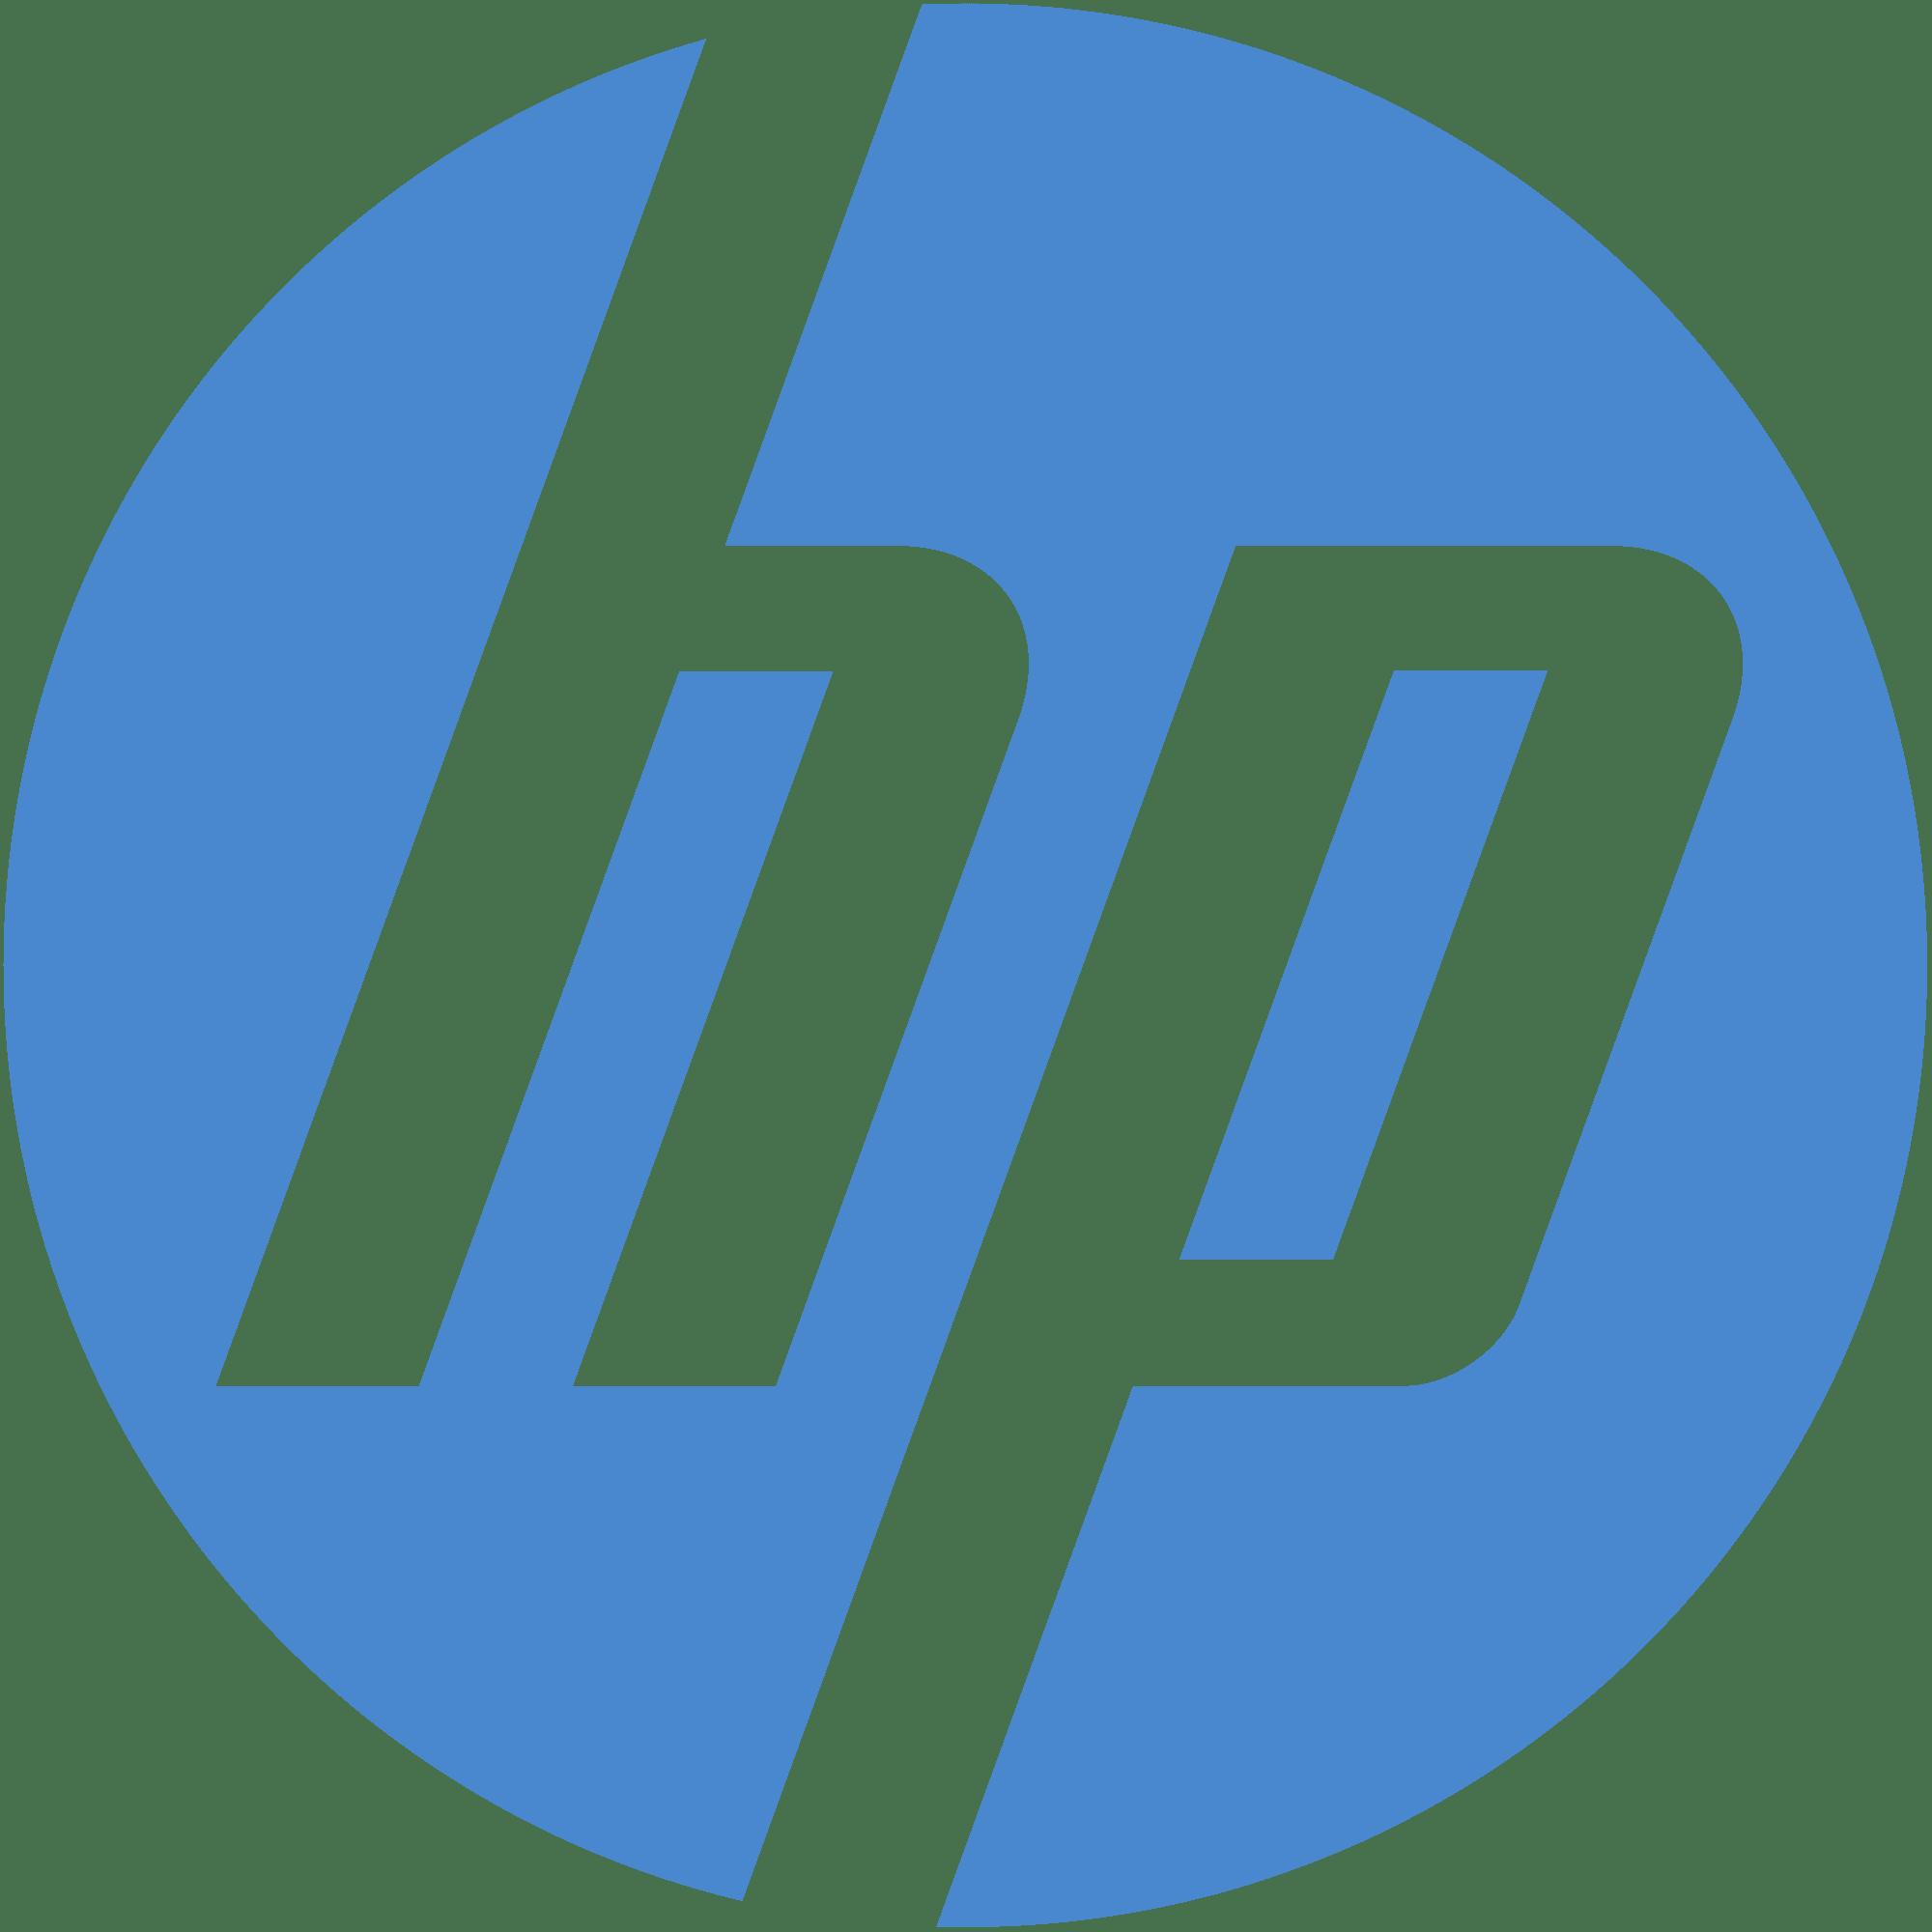 HP Officejet Pro 8600 Plus Printer series N911 drivers